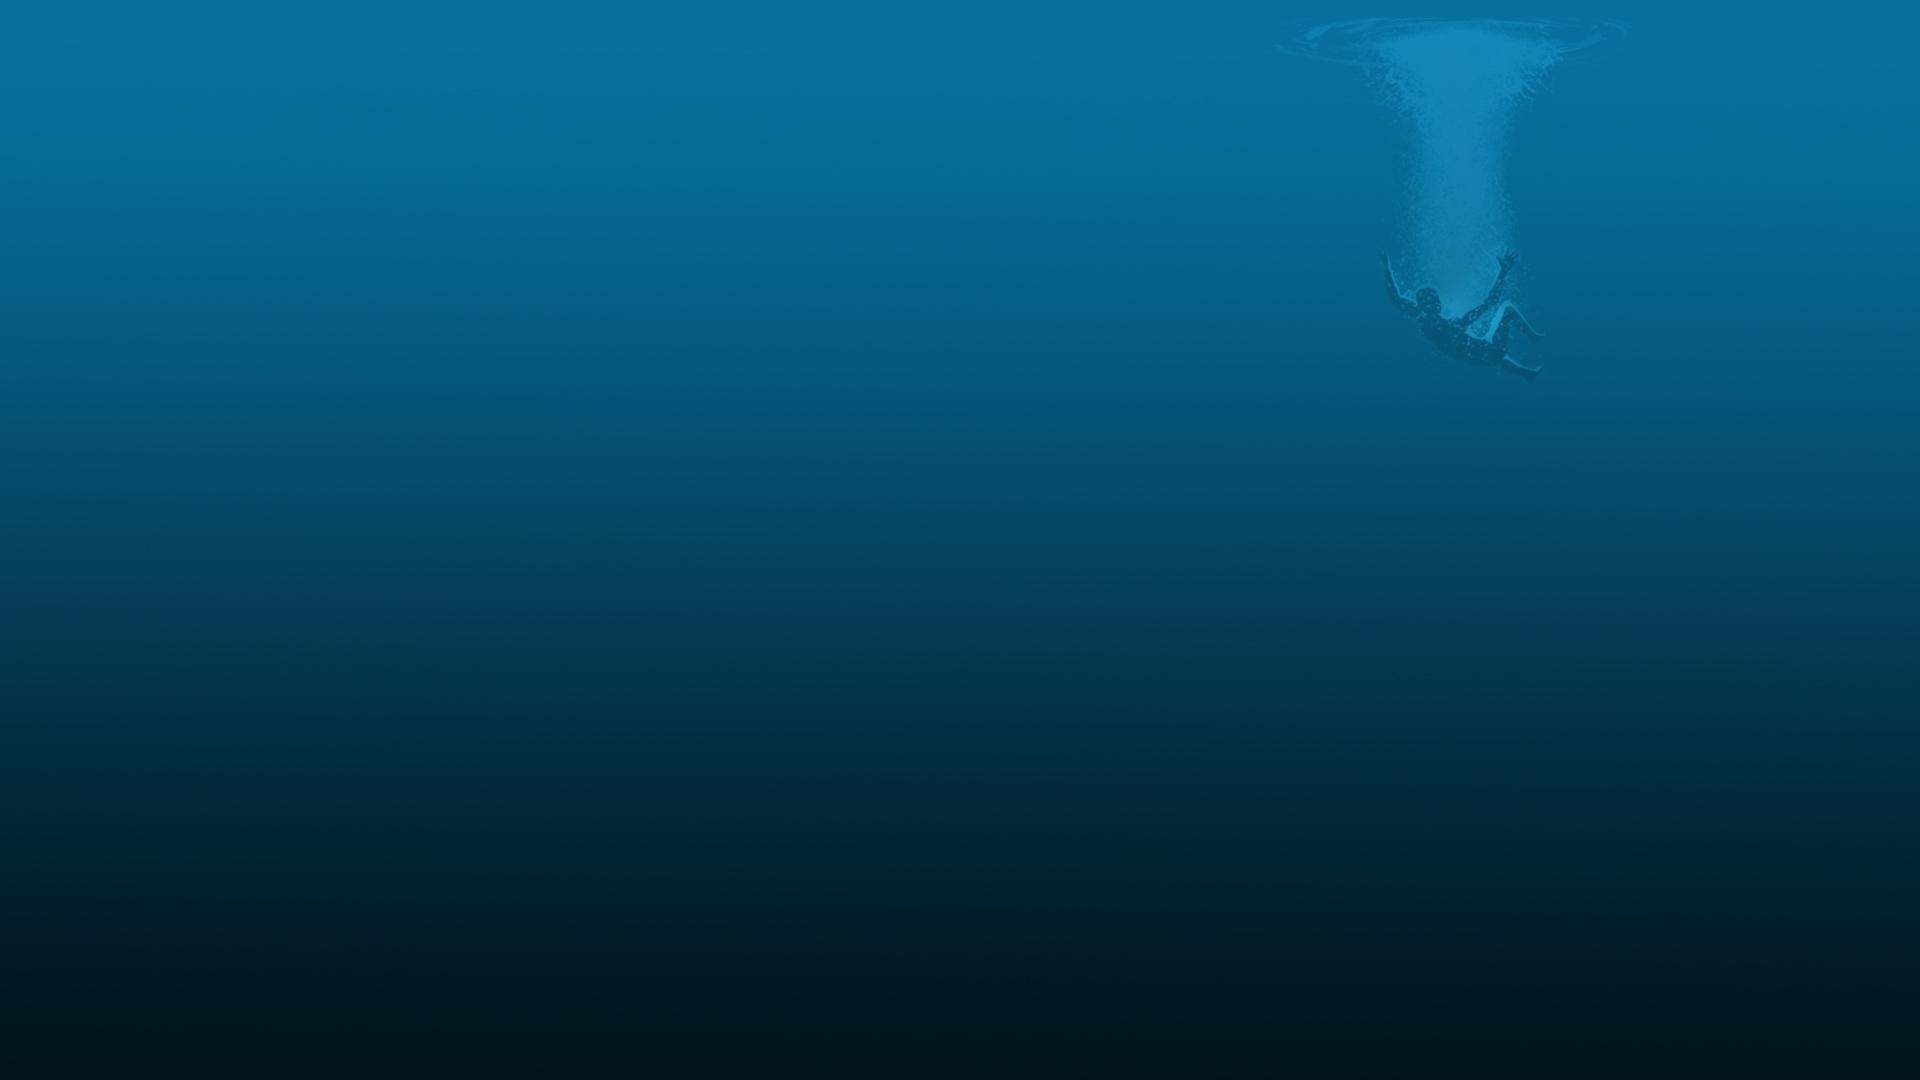 Deep Blue Wallpaper 1920x1080 Deep Blue Sea 1920x1080